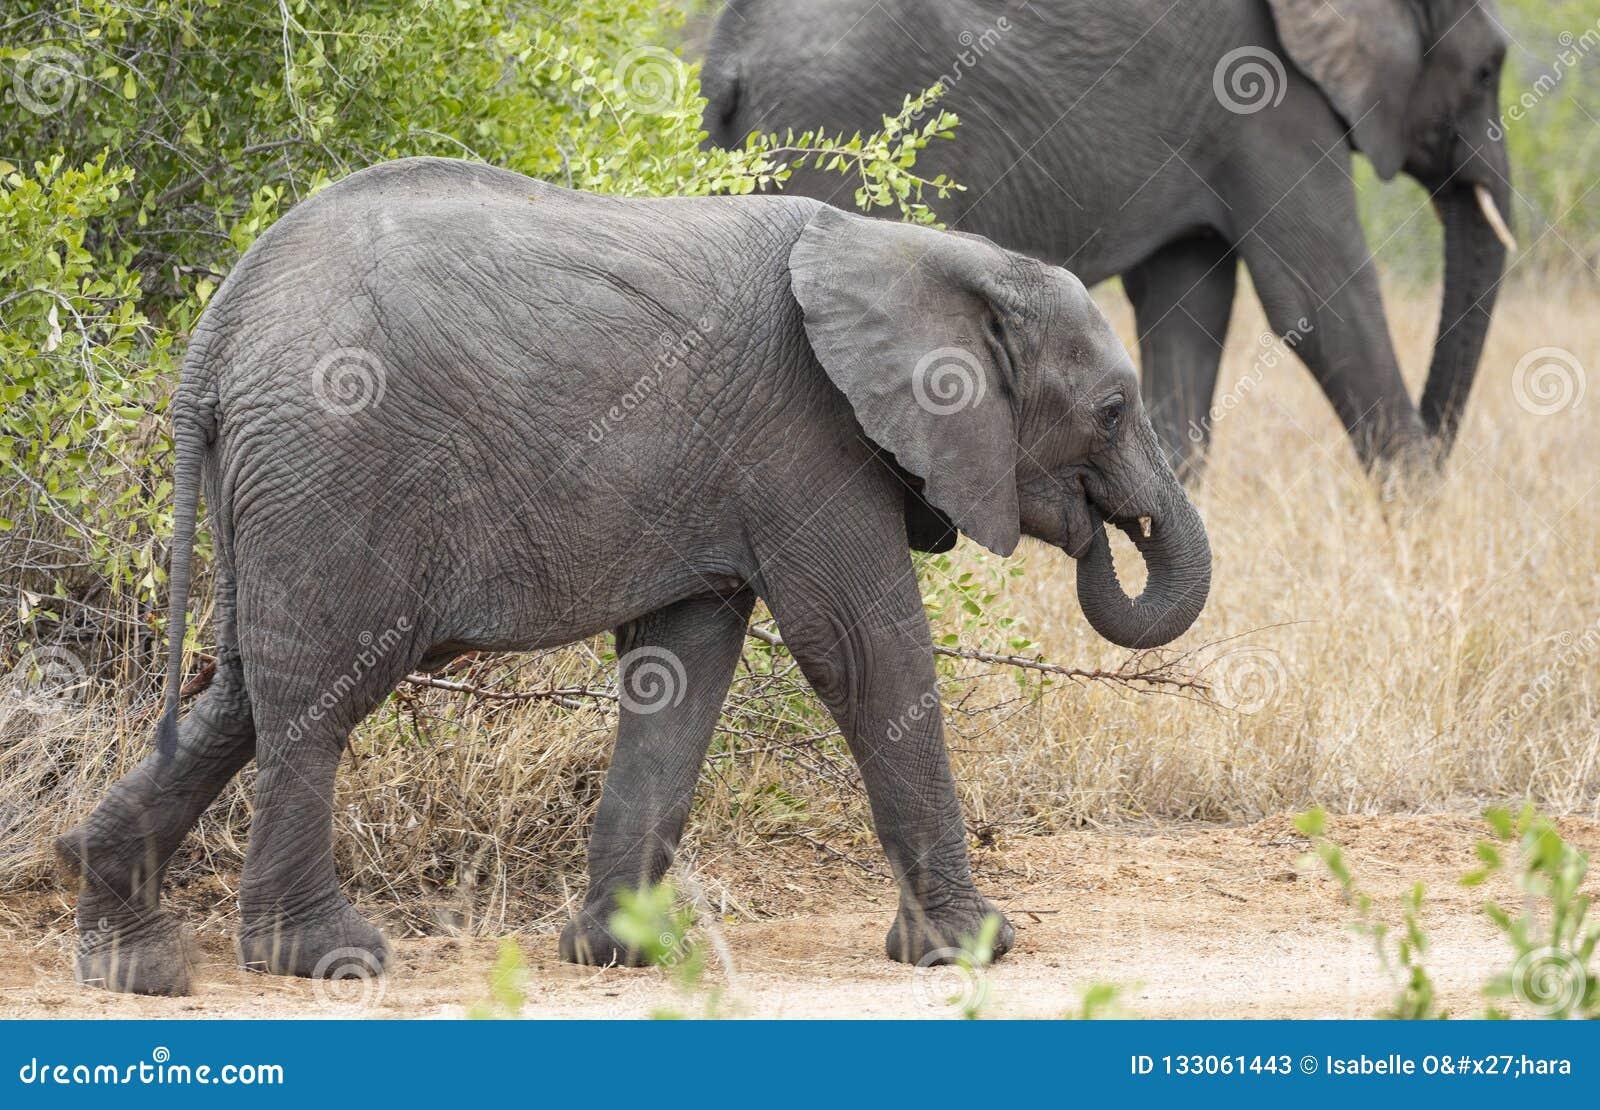 Profile portrait of baby elephant, Loxodonta Africana, walking with larger elephant in background